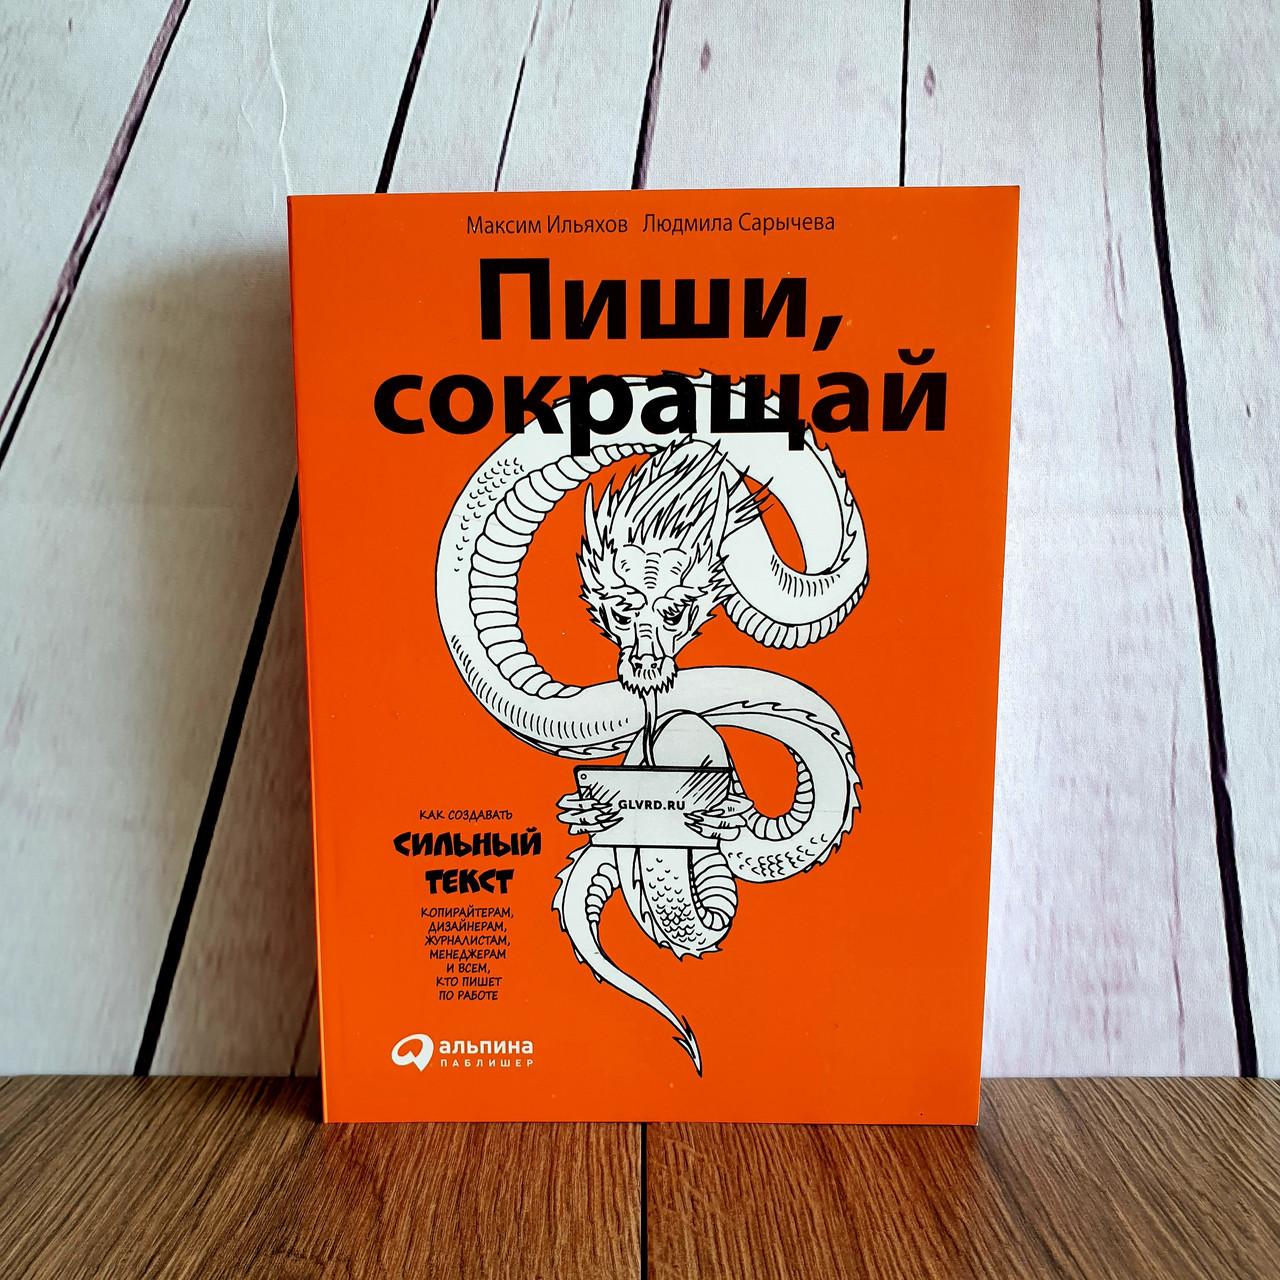 Книга «Пиши, сокращай» — Максим Ильяхов